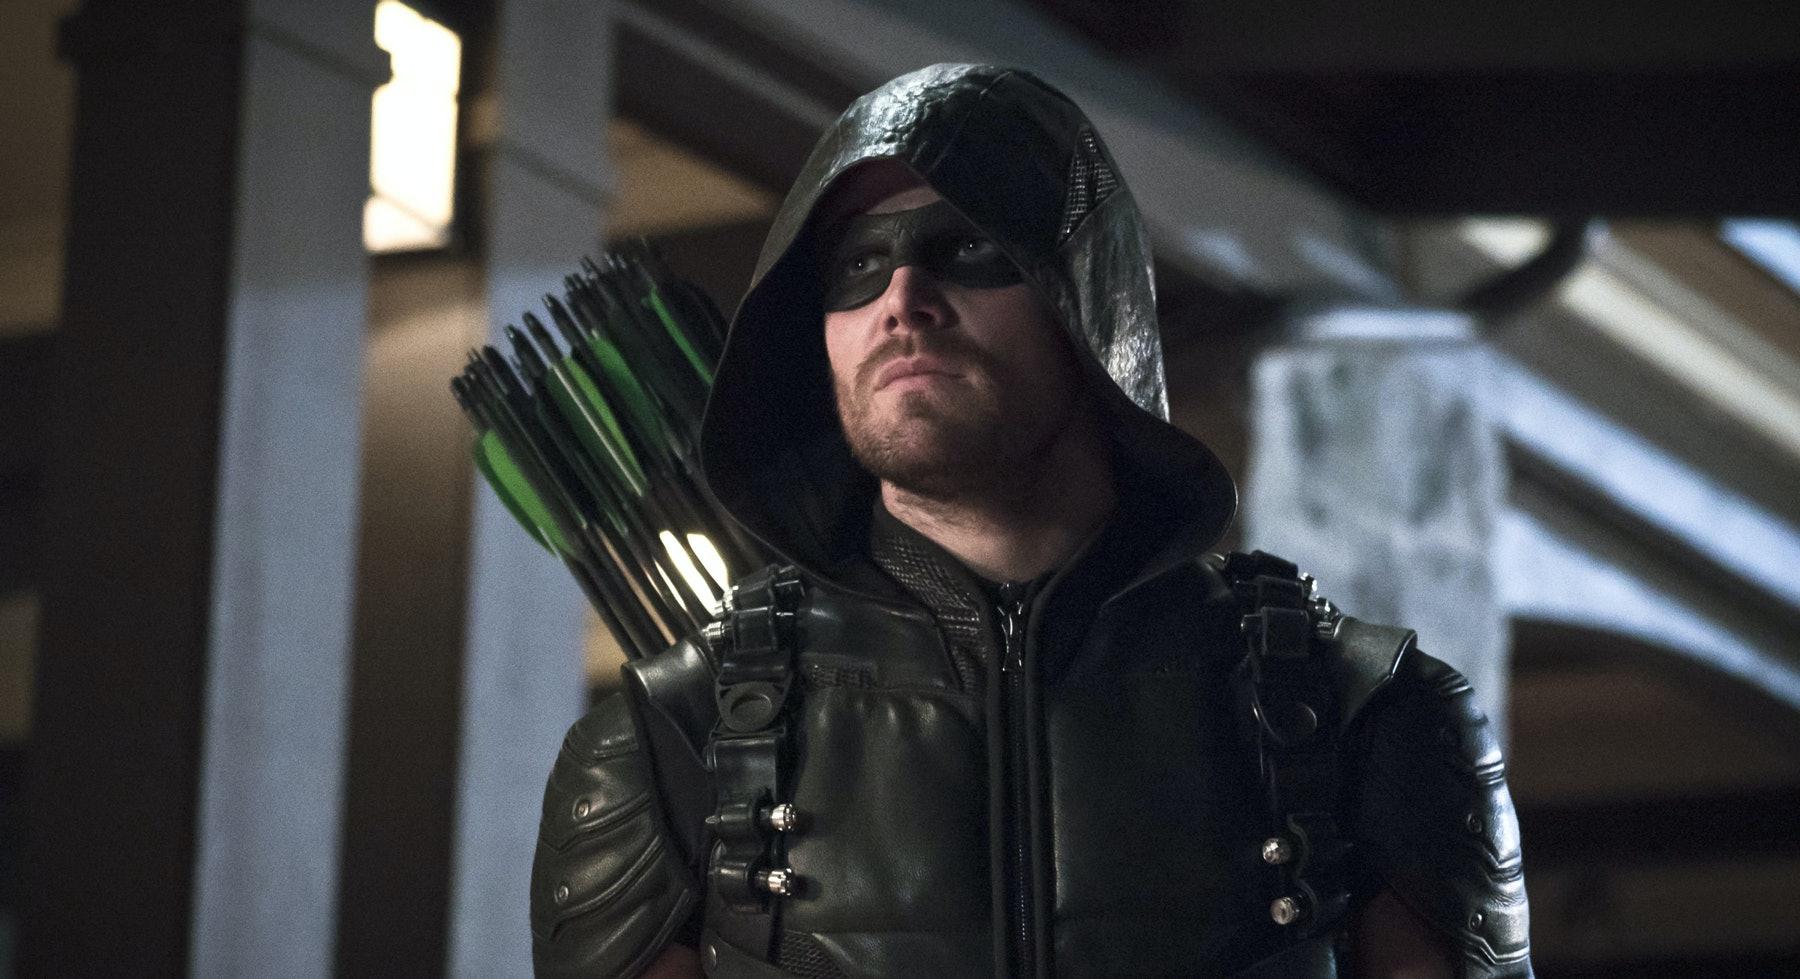 Stephen Amell as Green Arrow on 'Arrow'.